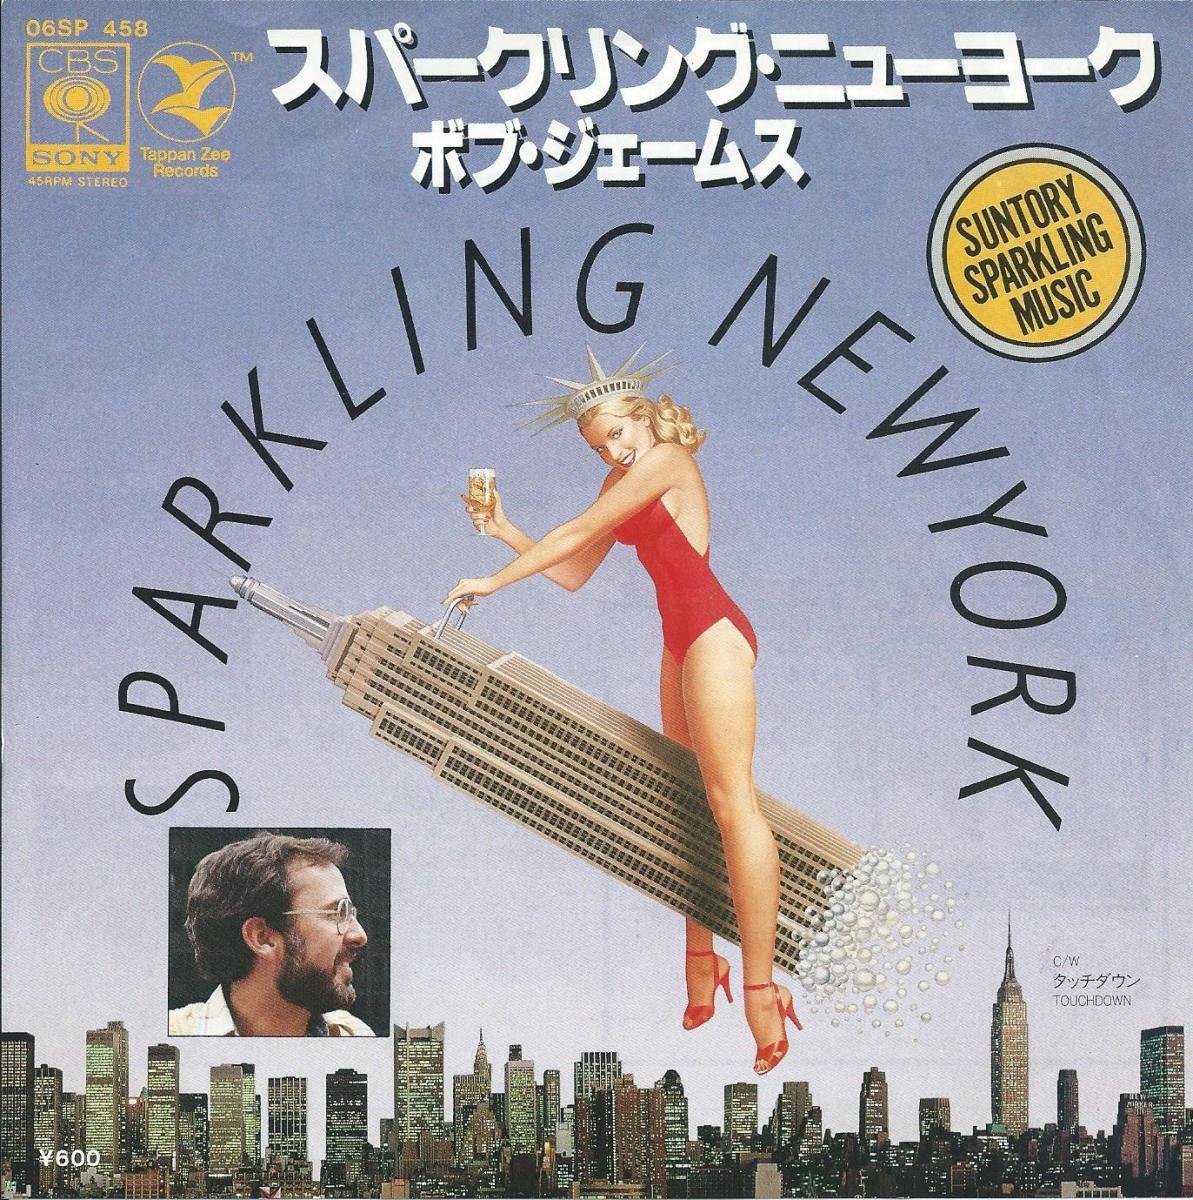 ボブ・ジェームス BOB JAMES / スパークリング・ニューヨーク SPARKLING NEWYORK (7